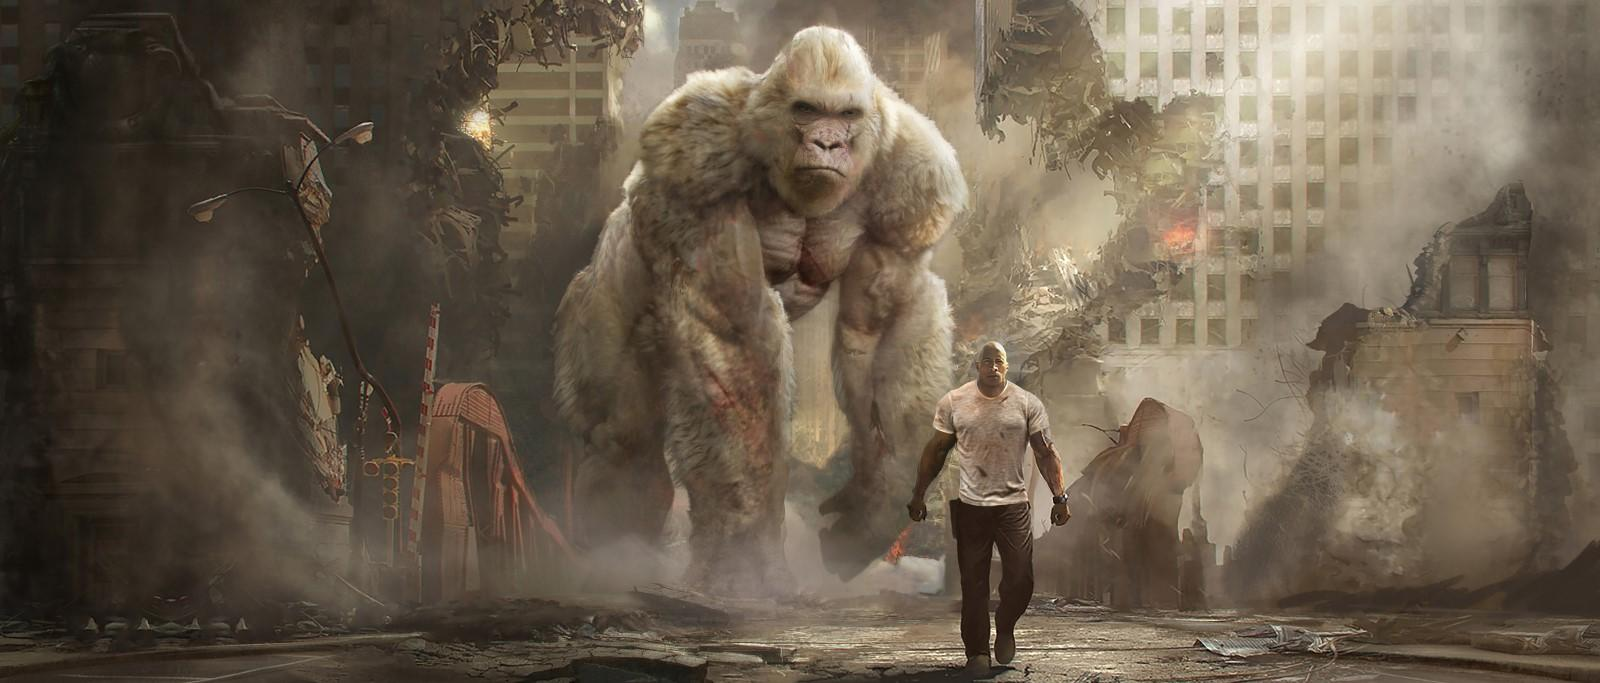 Gigantische Monster: Die 16 besten Riesenmonster-Filme